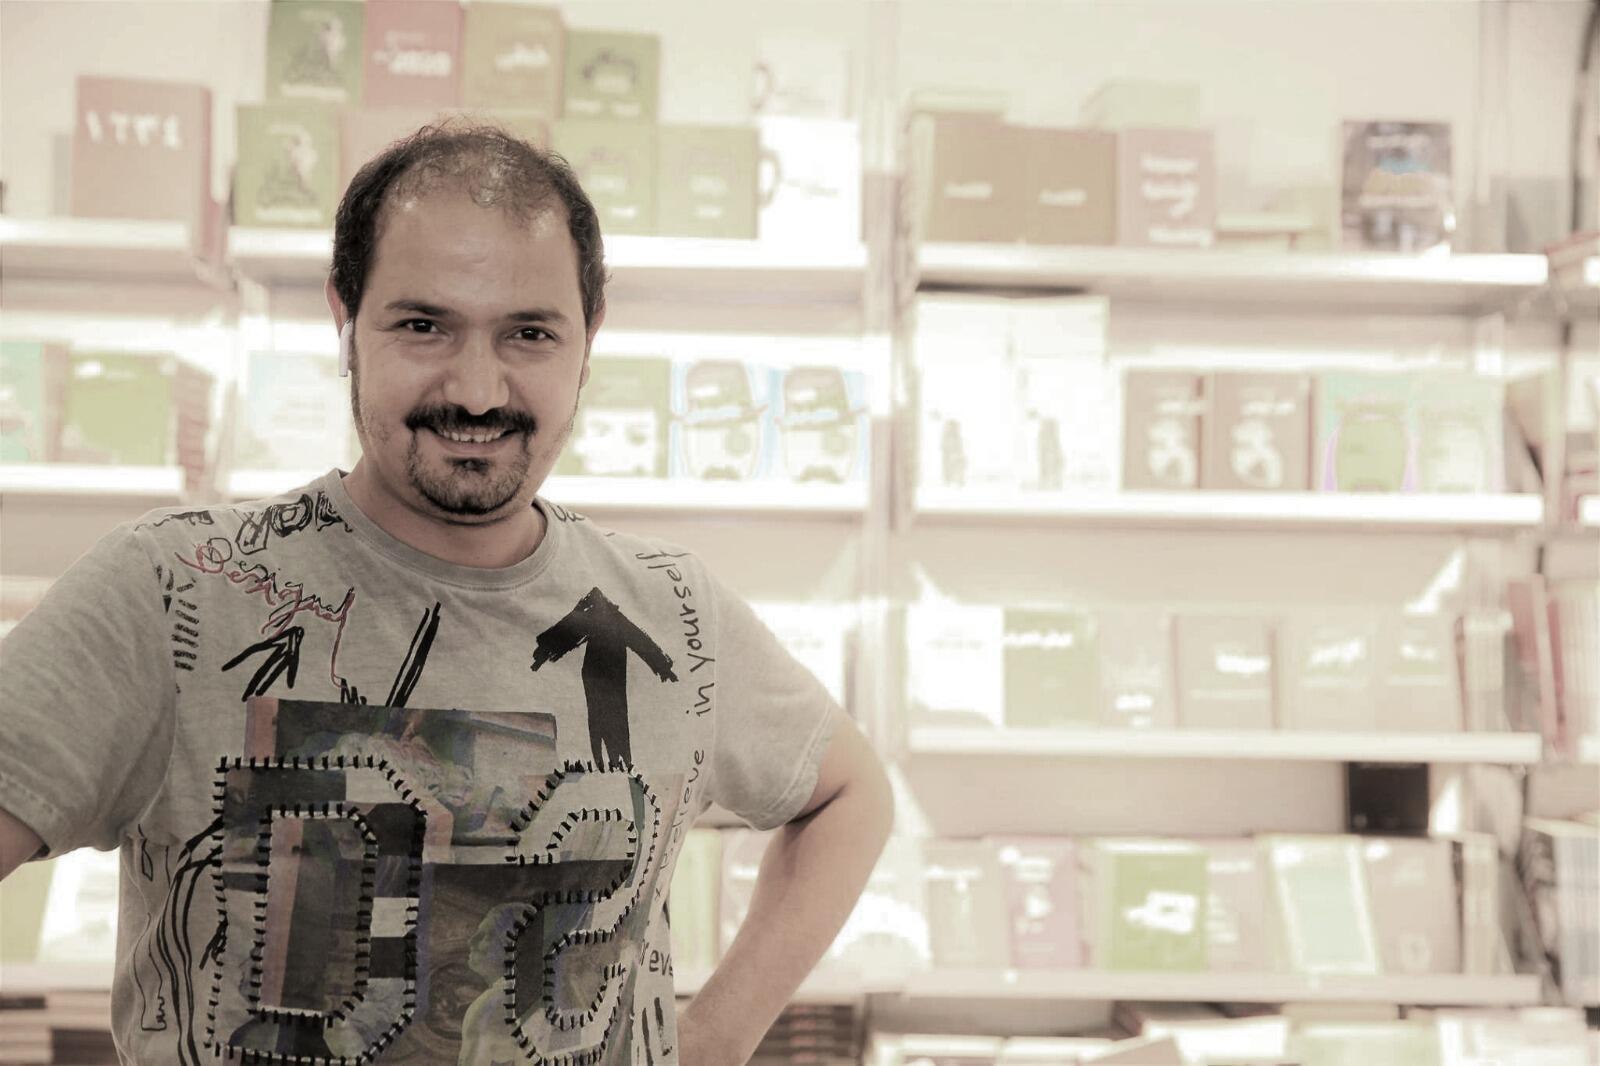 khaled_al_nasseri_poete_editeur_palestinien